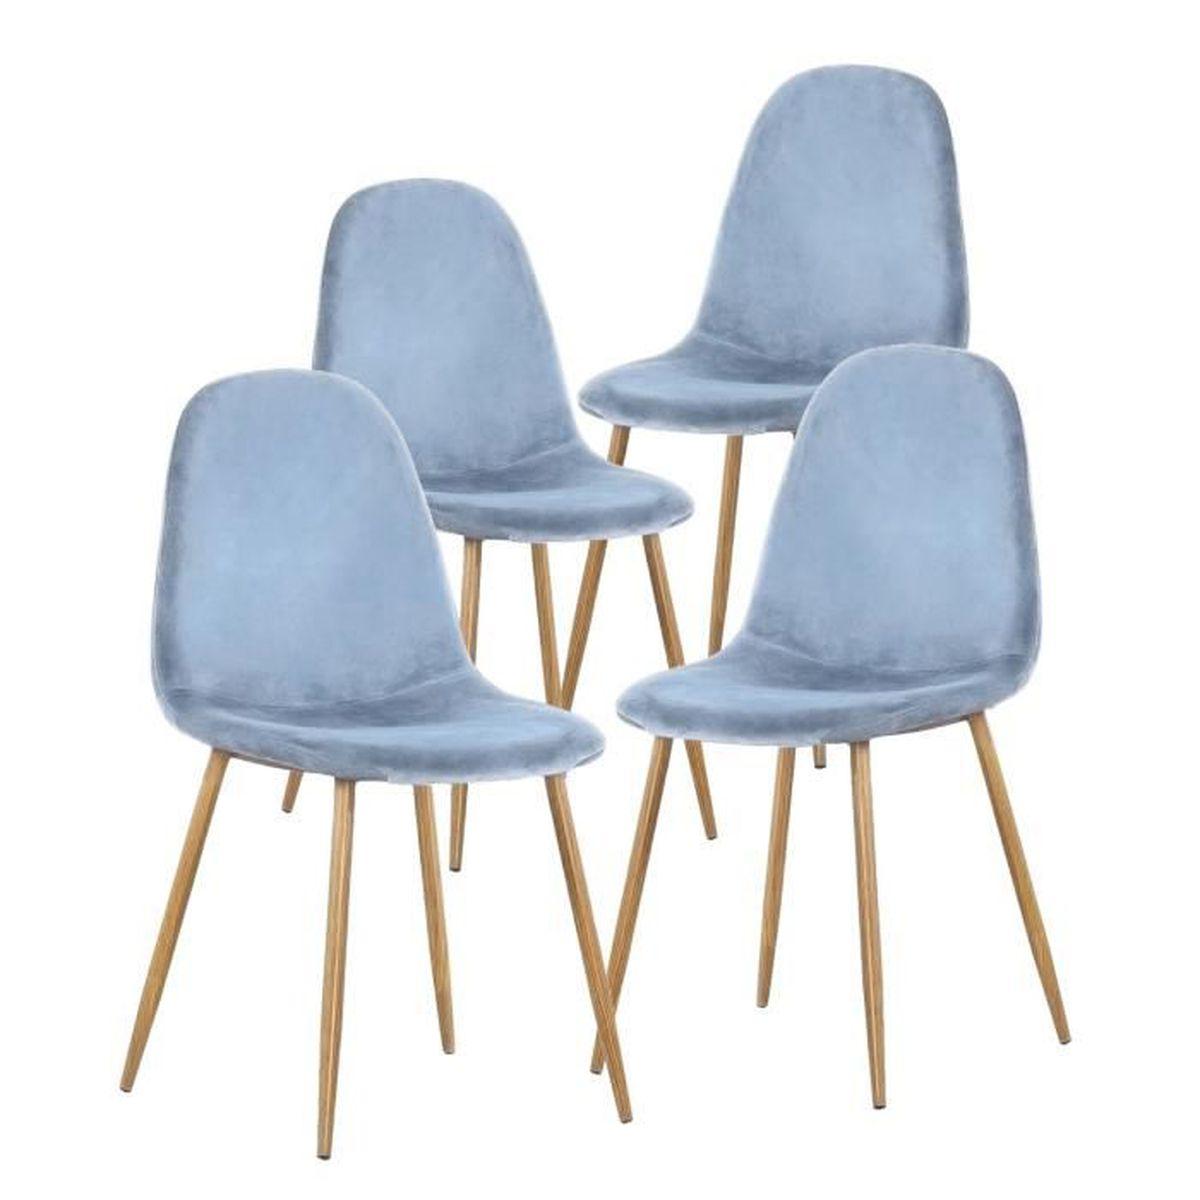 Besta Salle A Manger lot de 4 chaises en bois blanc